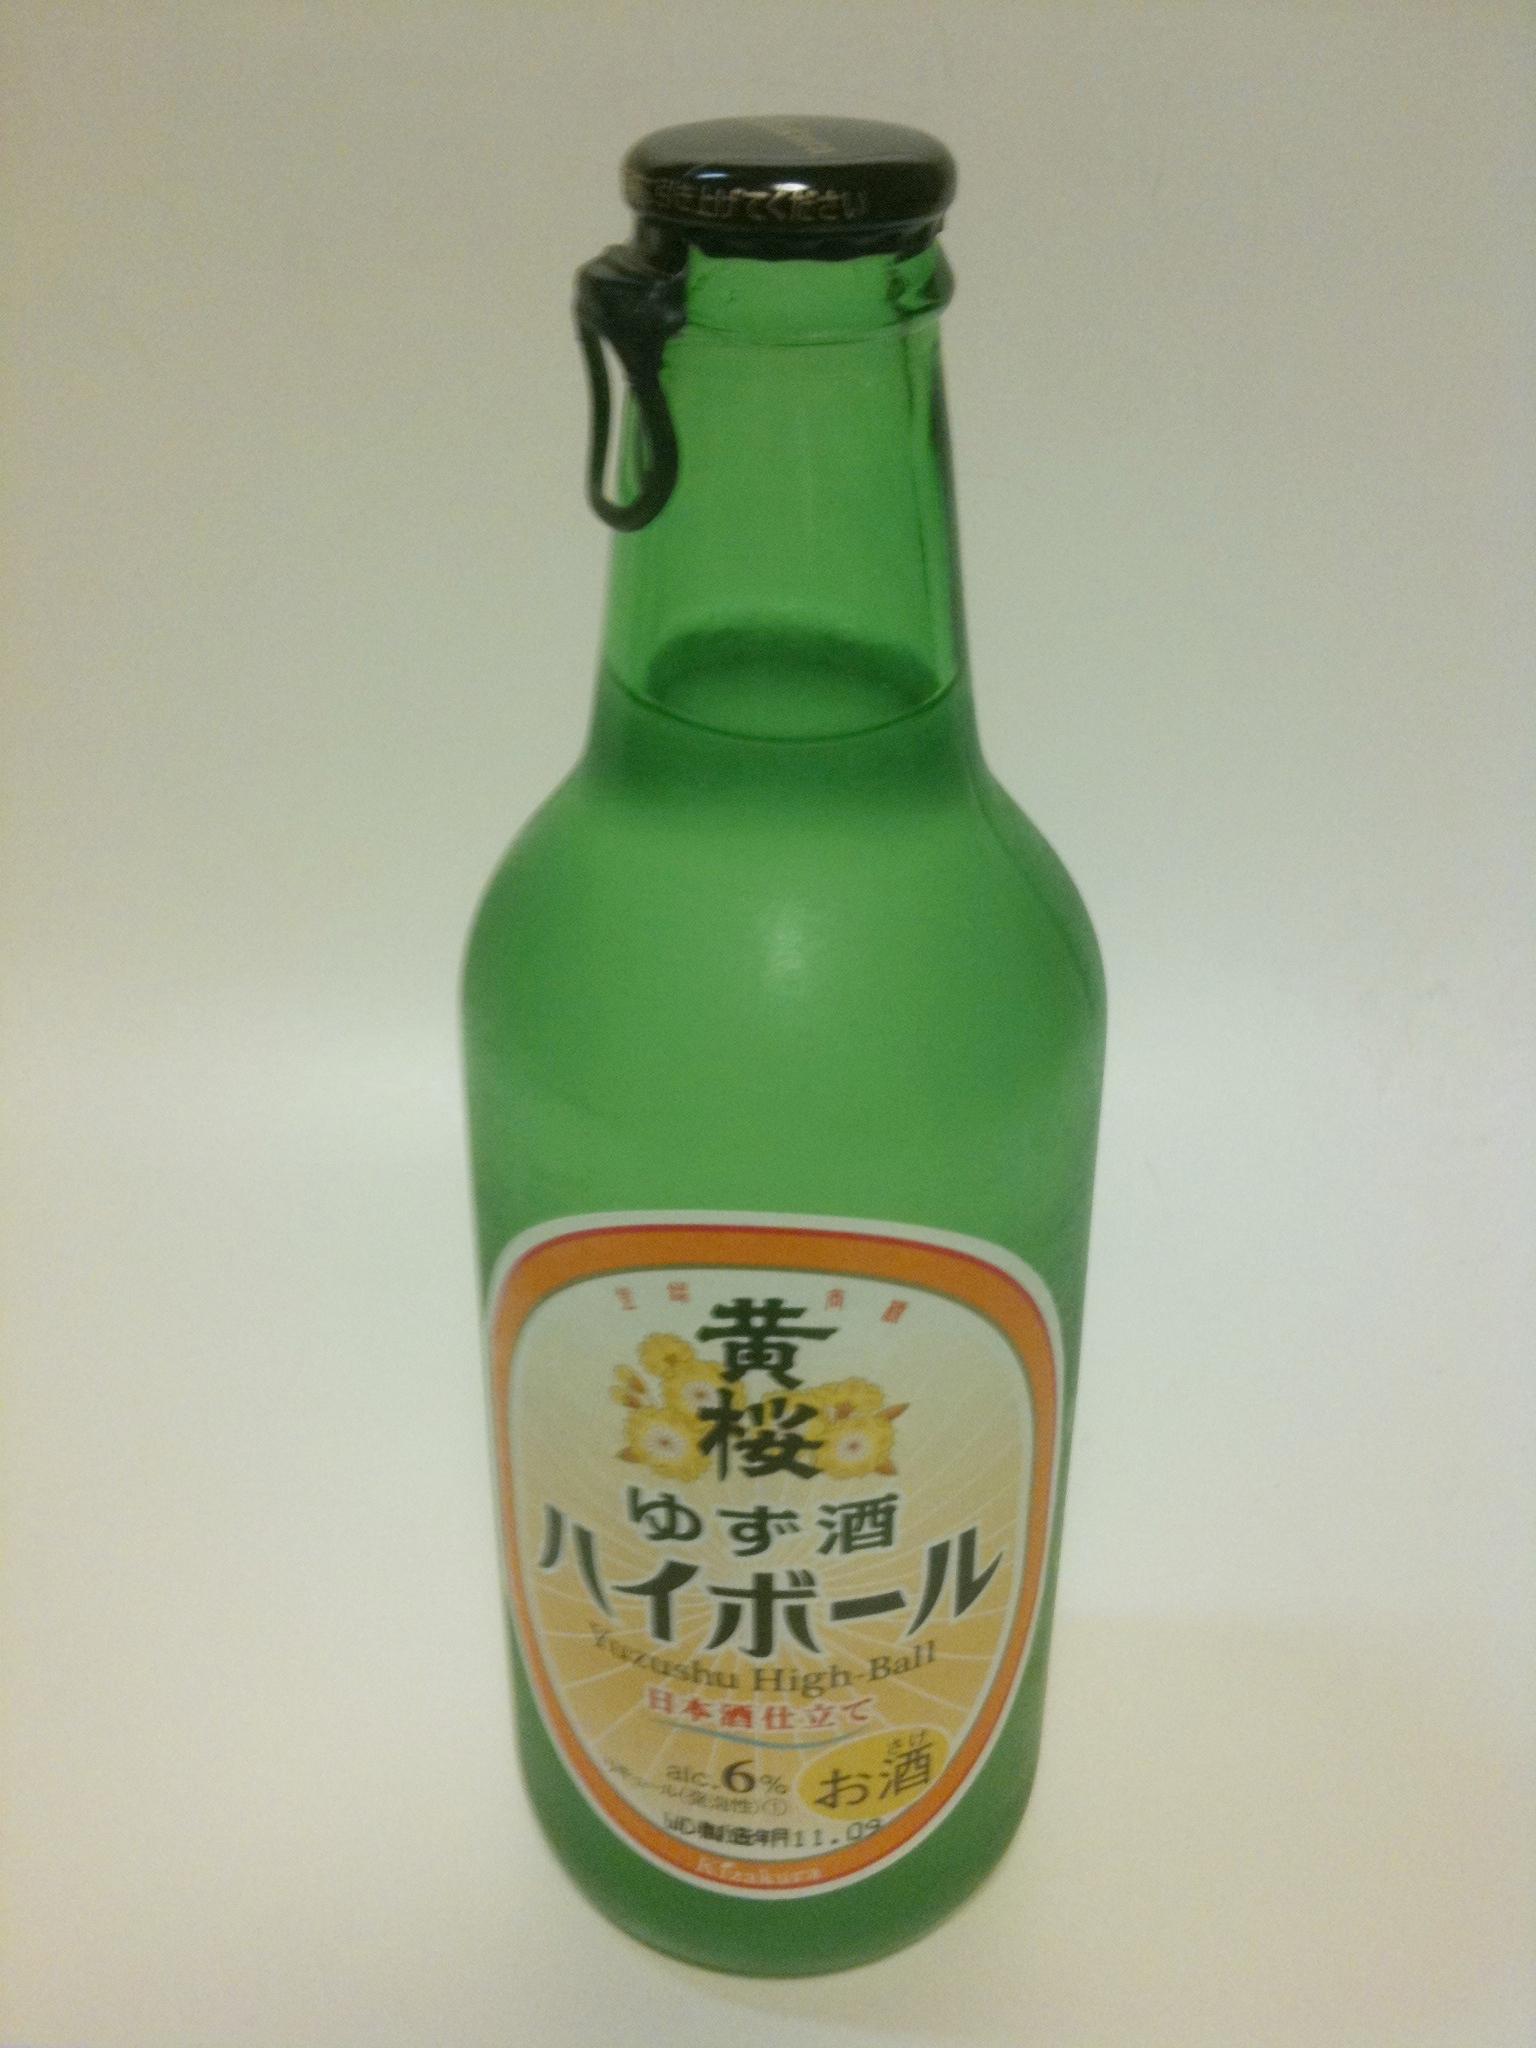 黄桜 - ゆず酒ハイボールKizakura Yuzu High Ball